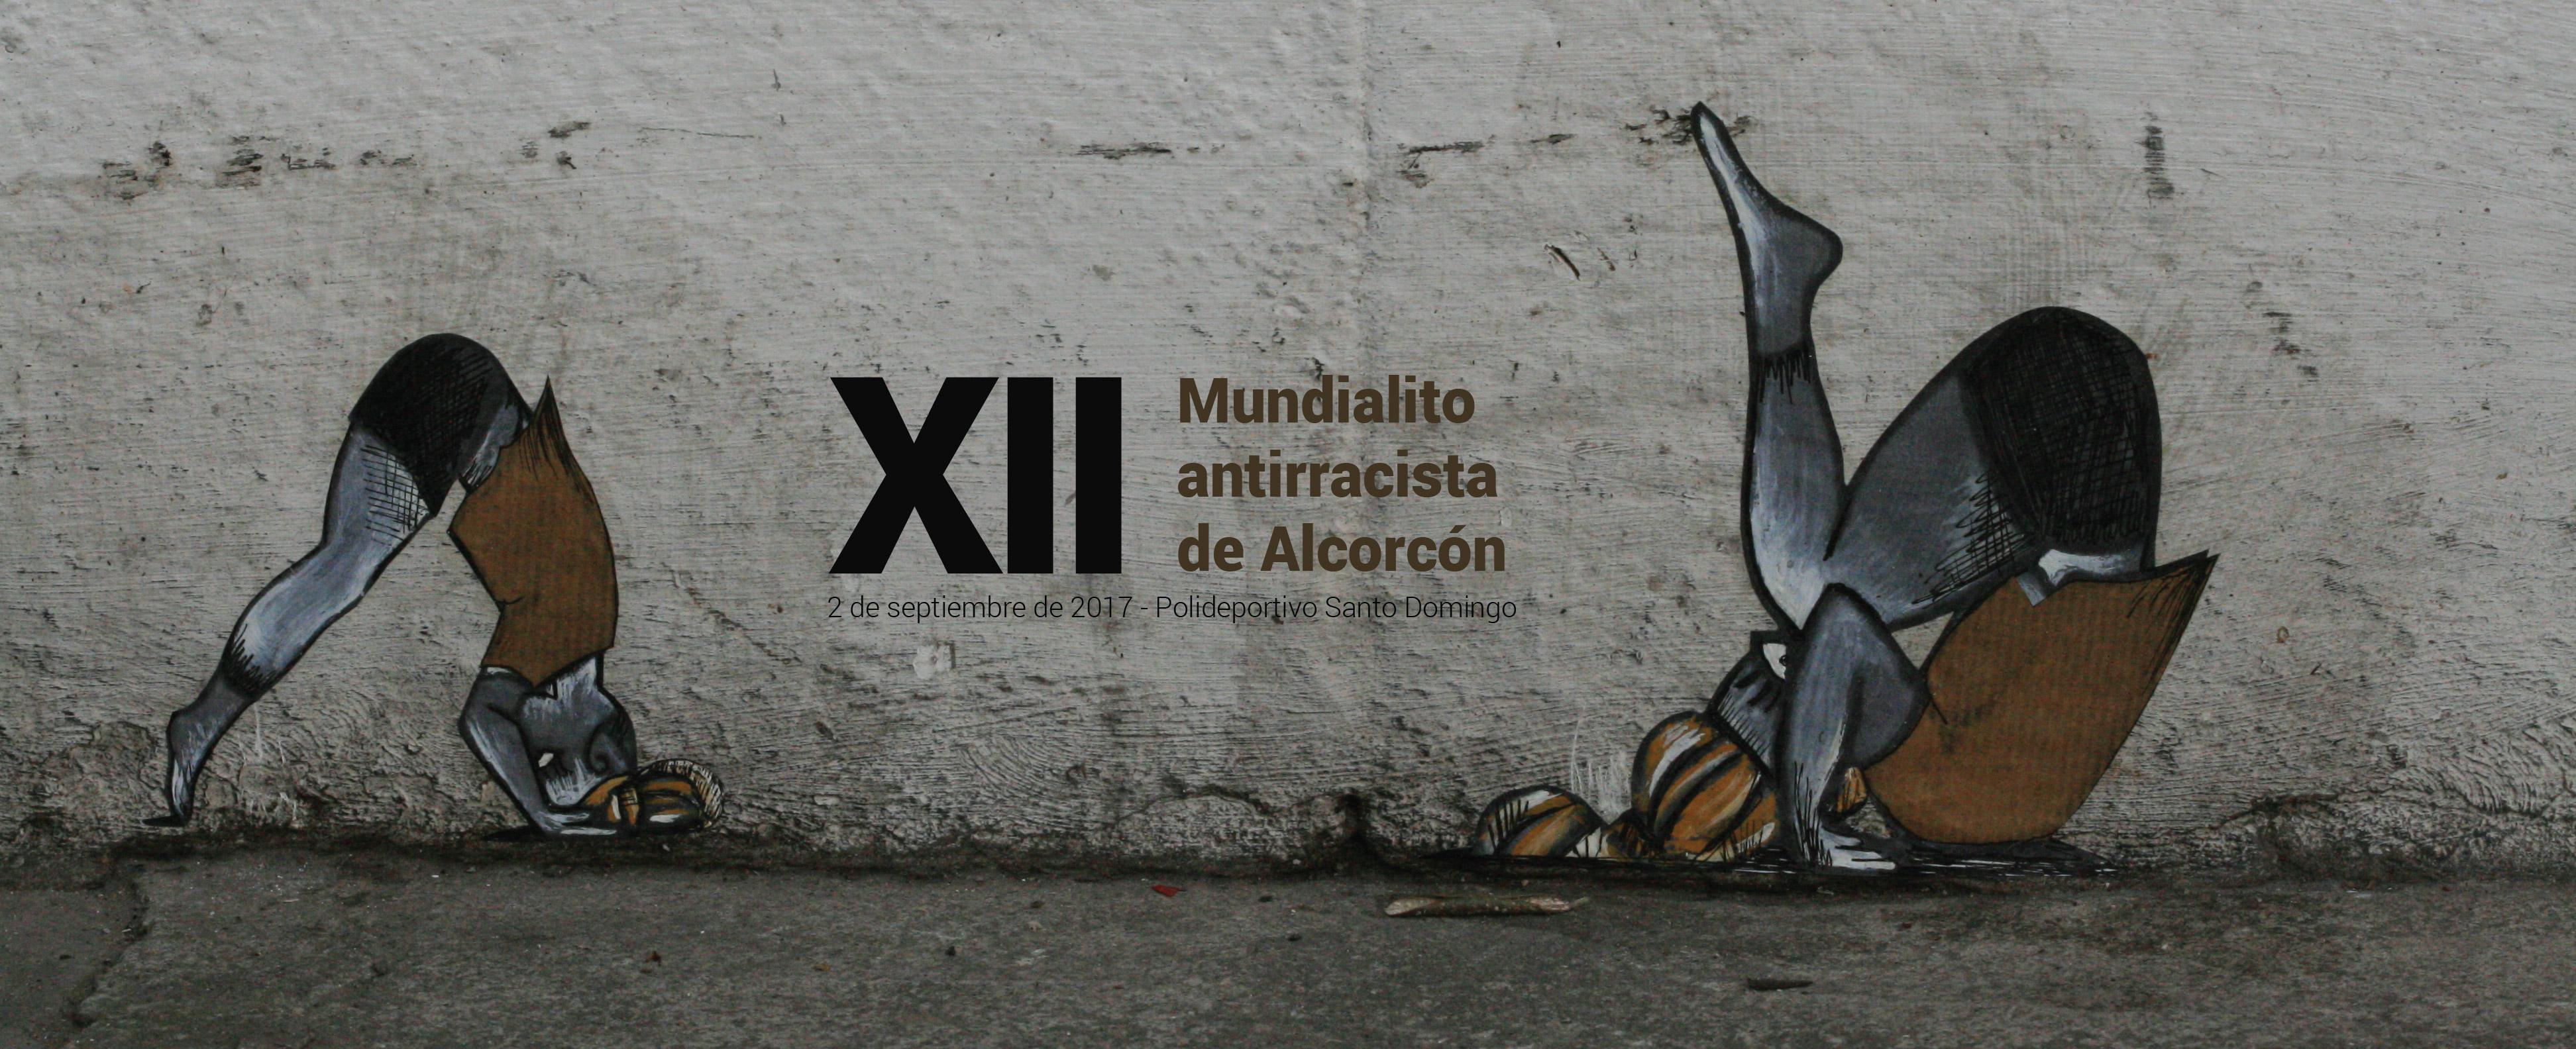 Mundialito XI